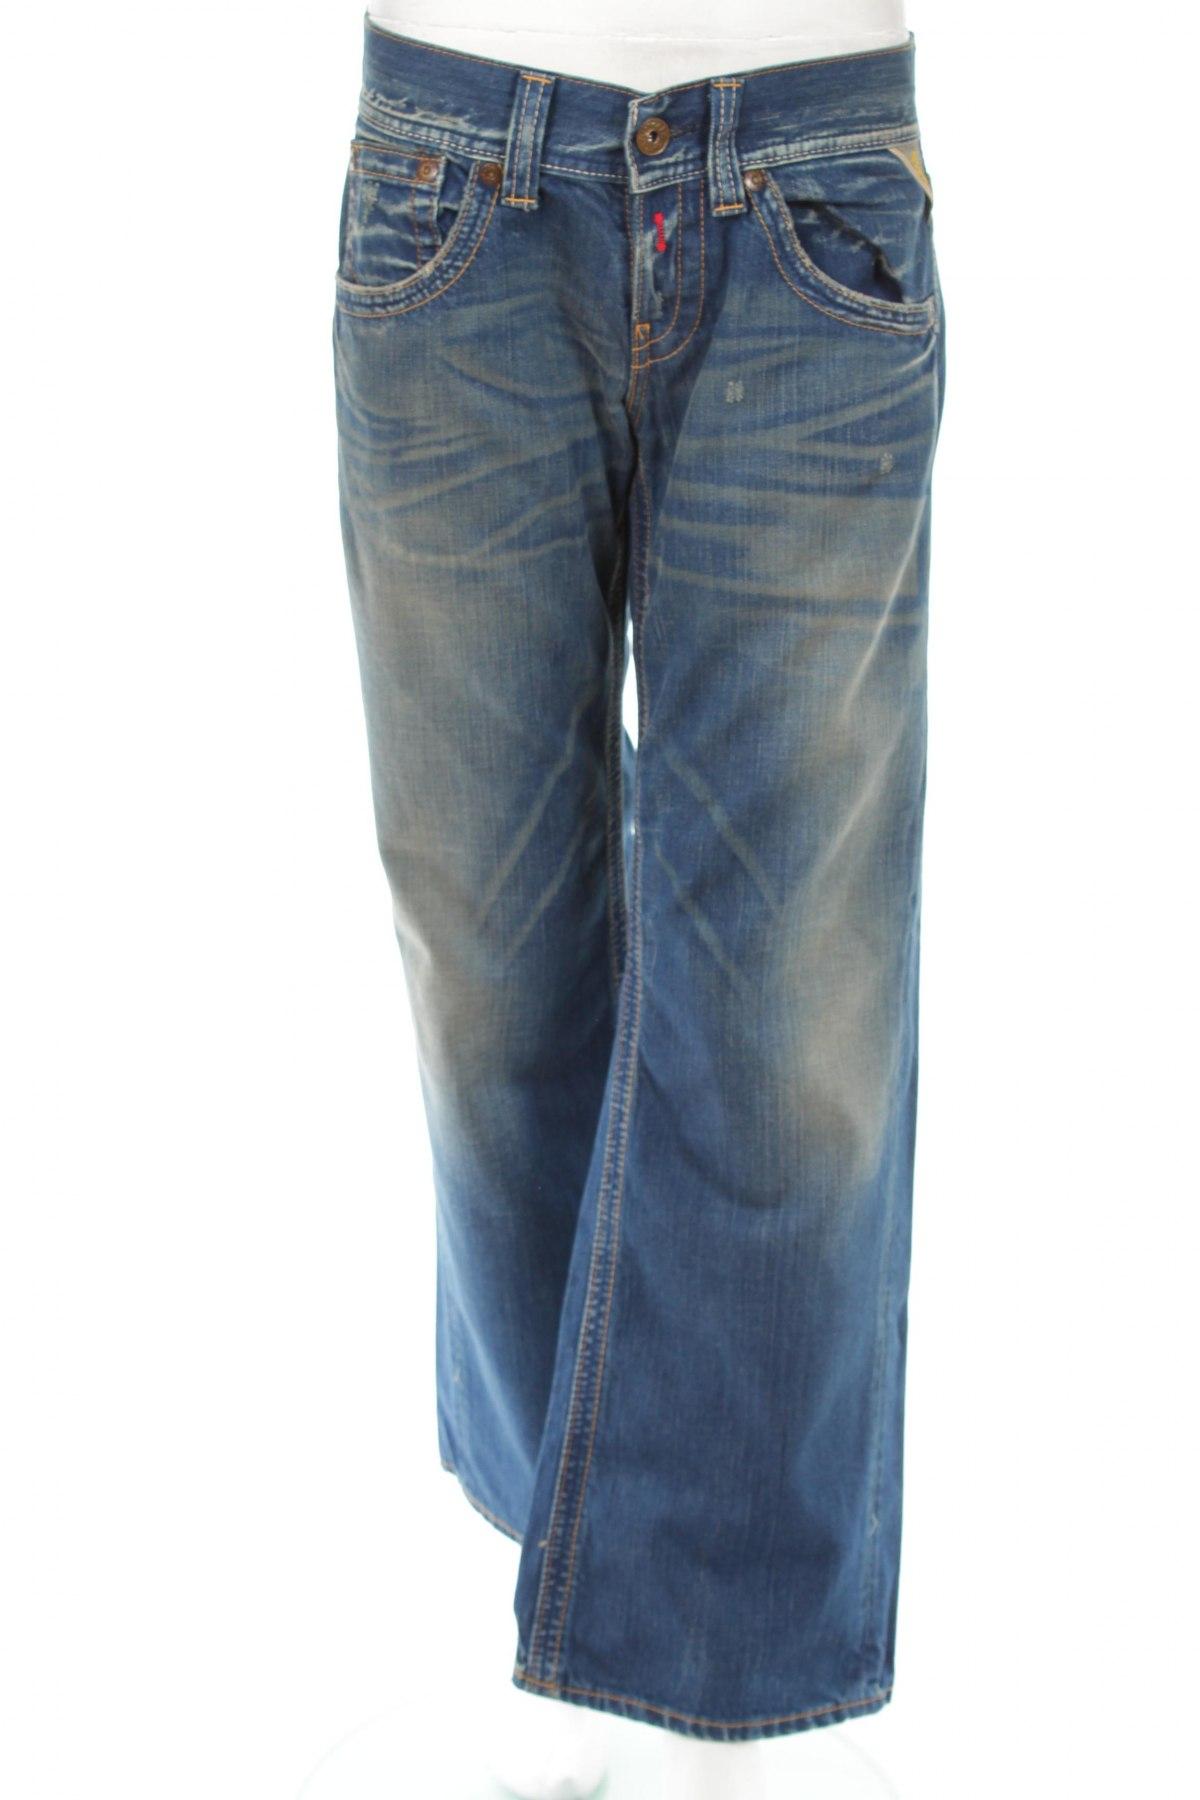 Dámské džíny Replay - koupit za vyhodné ceny na Remix -  102237989 364ed43d25